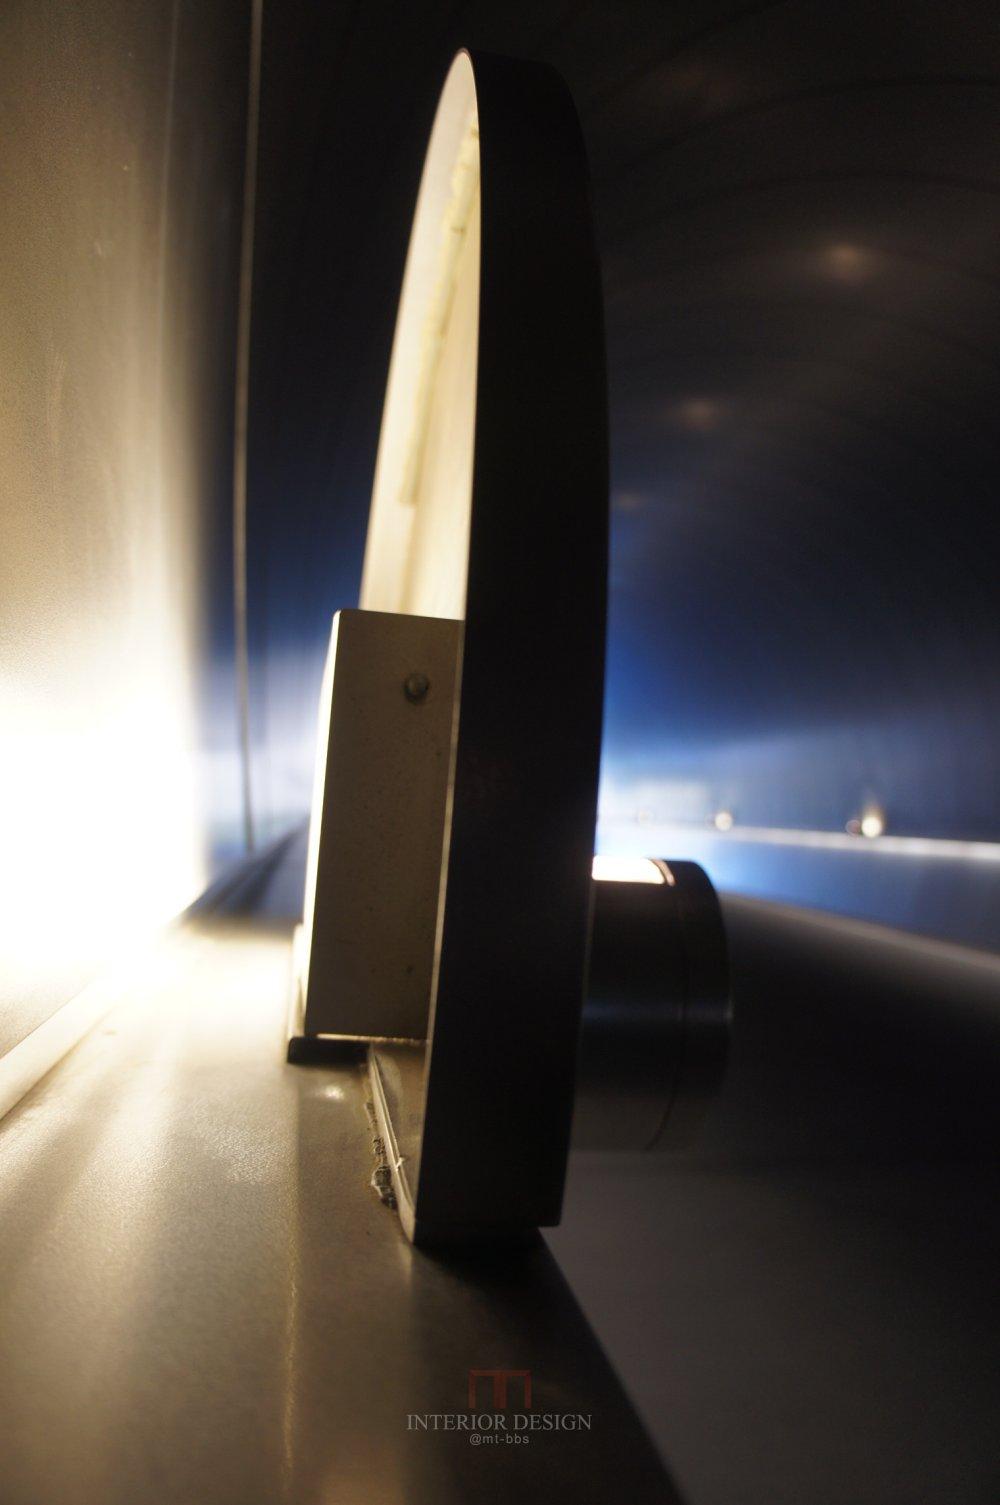 日本美秀美术馆MIHO MUSEUM自拍分享-贝聿铭_DSC06432.JPG